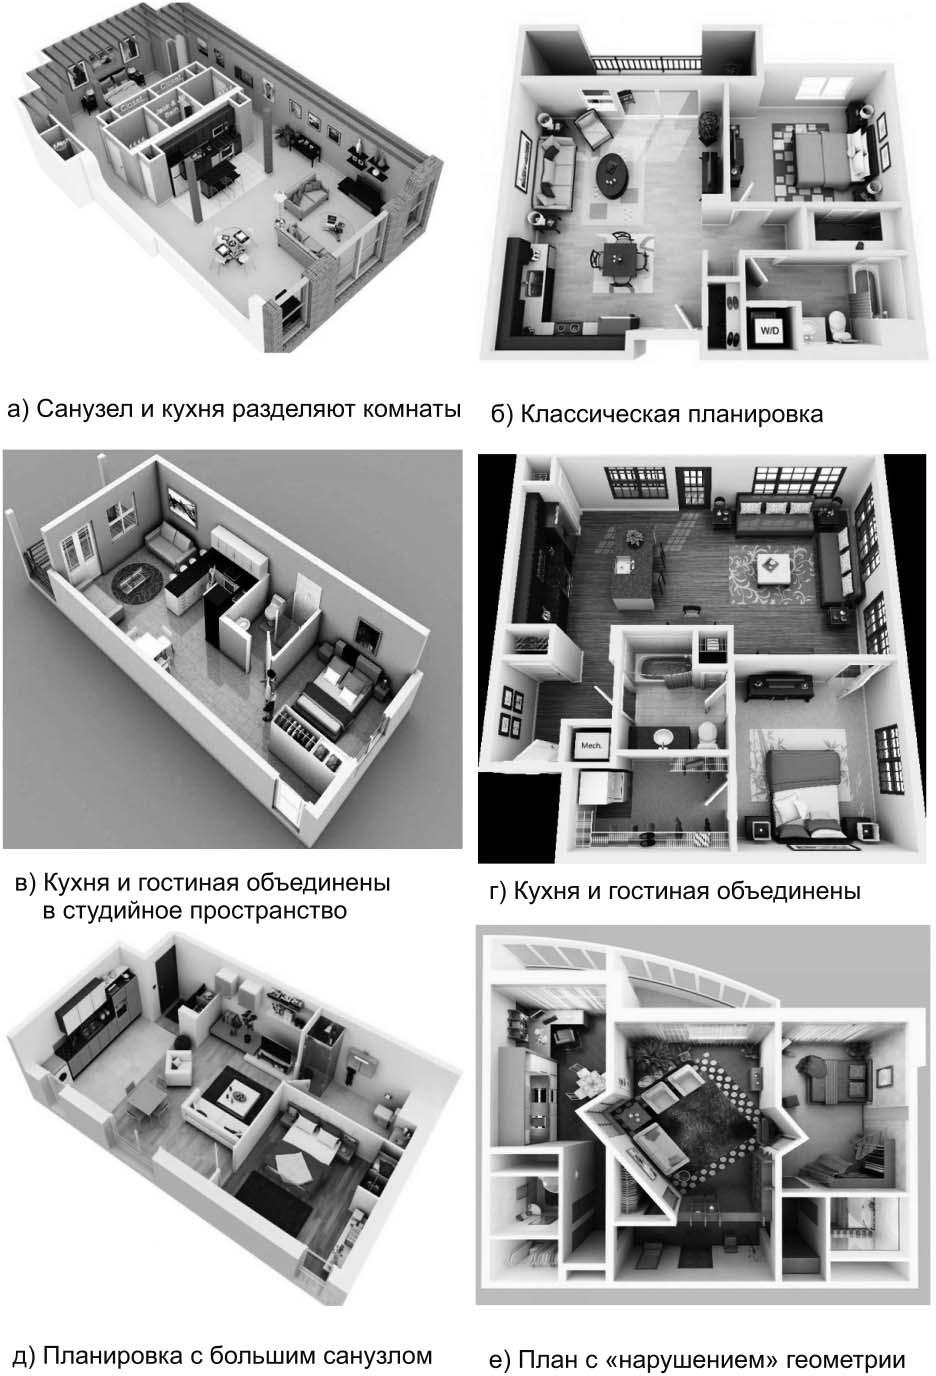 Примеры планировочных решений 2-комнатных квартир